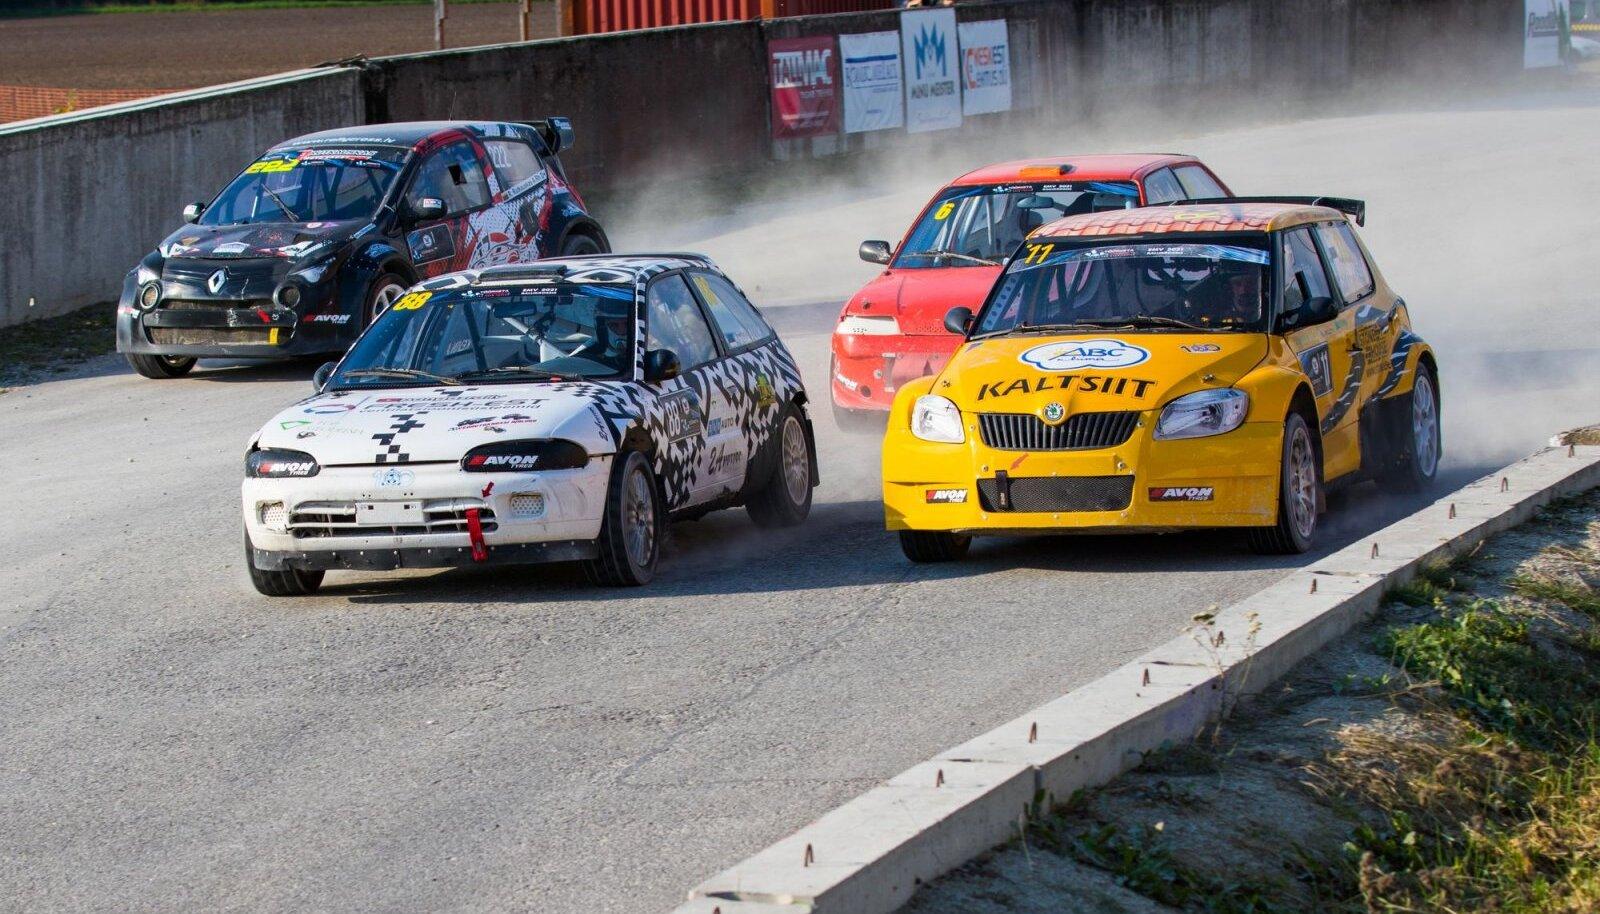 Arvo Kask (nr 11) võitis eelviimasel etapil klassi Super1600 klassi ning tagas sellega ka rallikrossi Eesti meistritiitli.